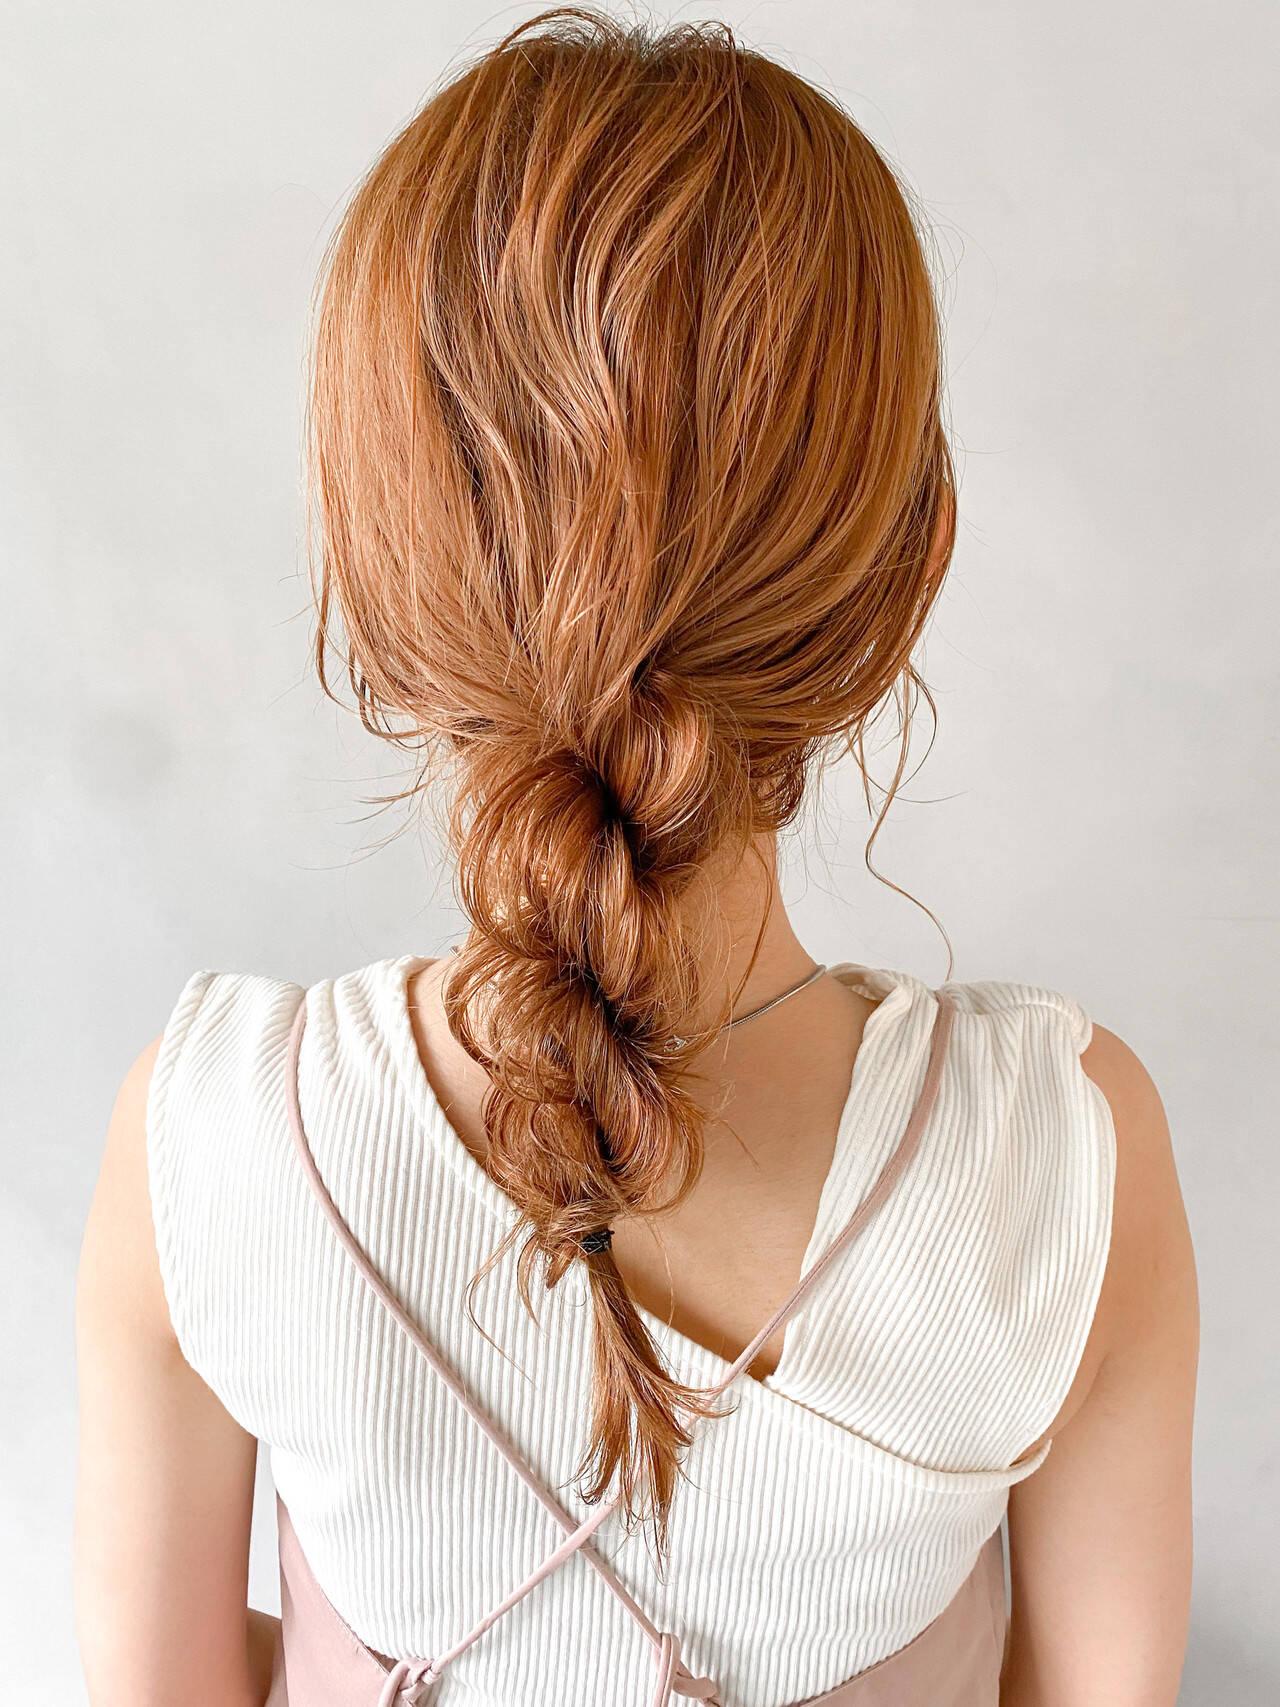 ナチュラル ミディアム 結婚式 ヘアアレンジヘアスタイルや髪型の写真・画像